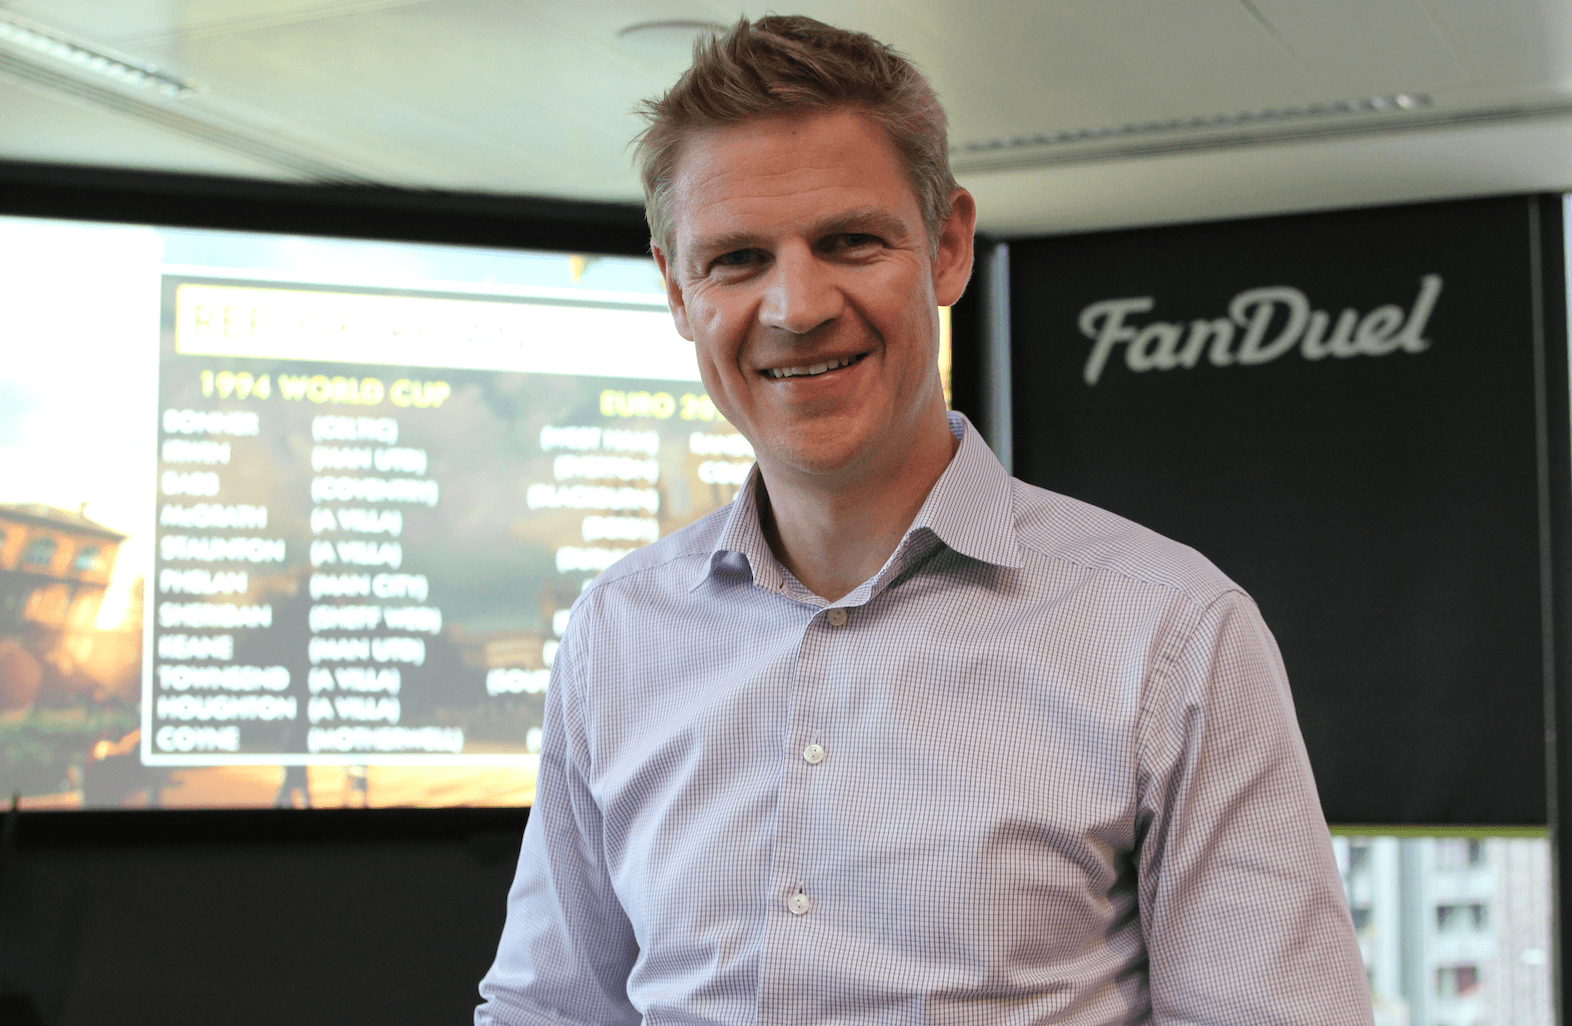 Nigel Eccles FanDuel lawsuit